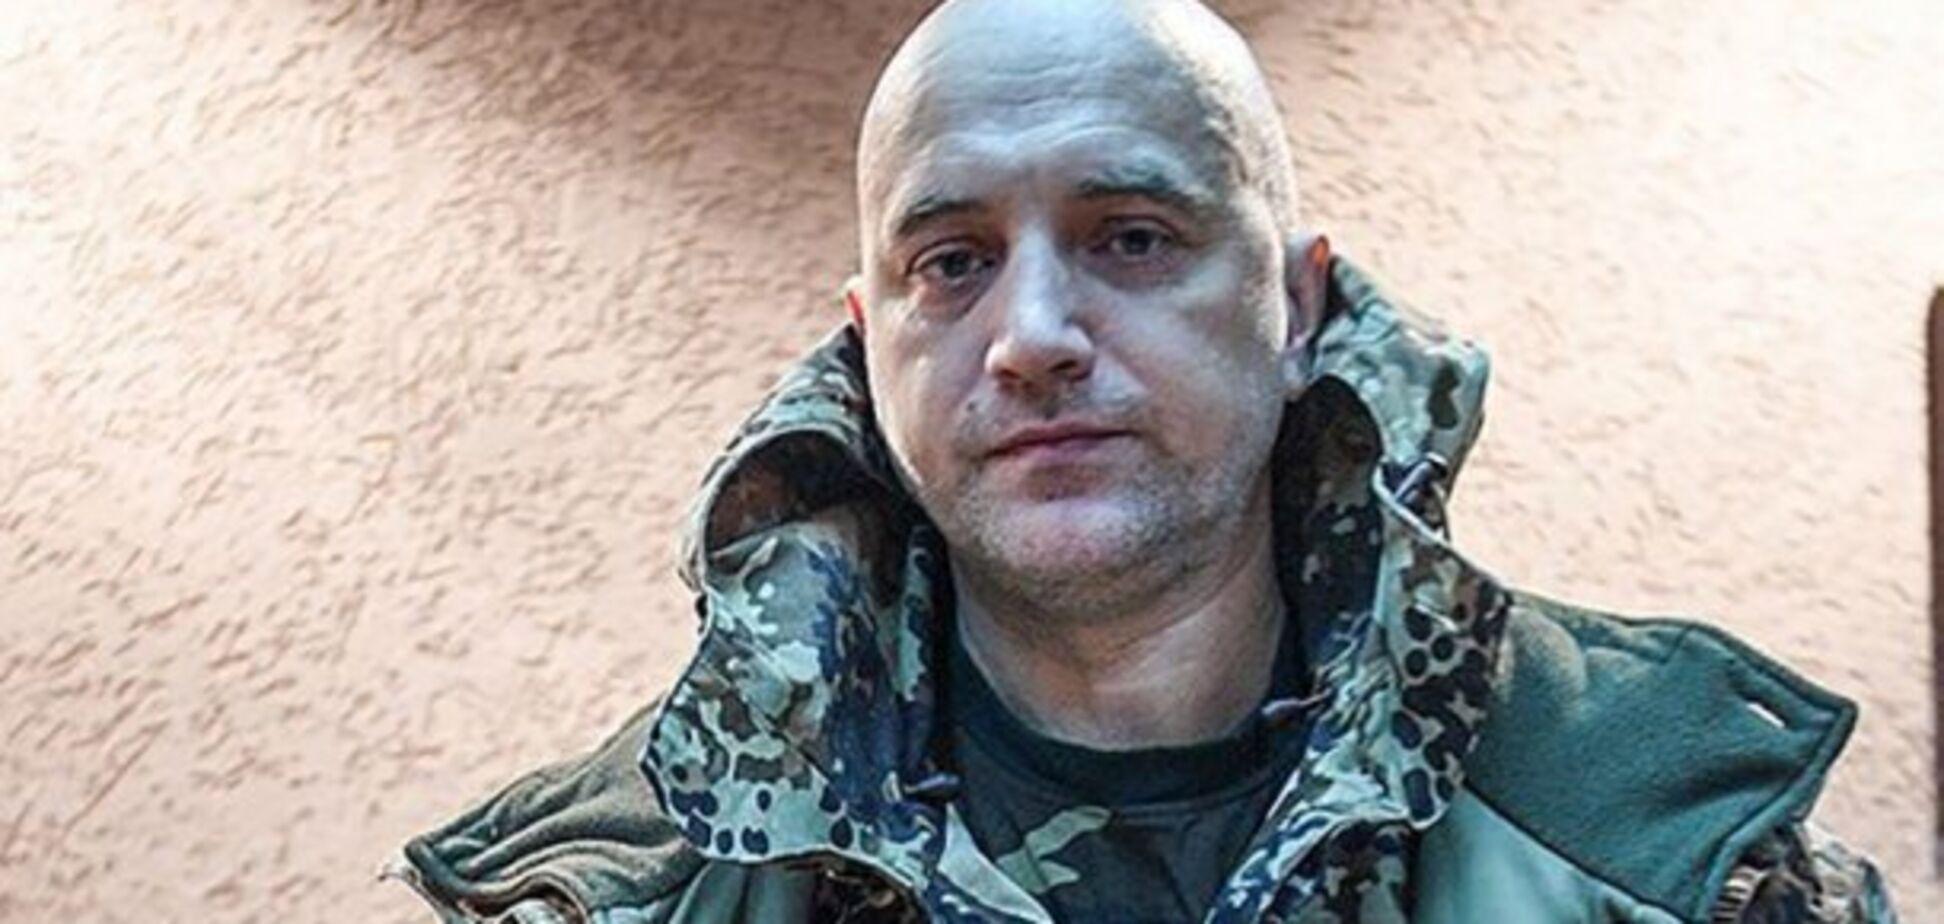 В 'ДНР' розповіли, як Аваков хоче 'знищити миротворців'